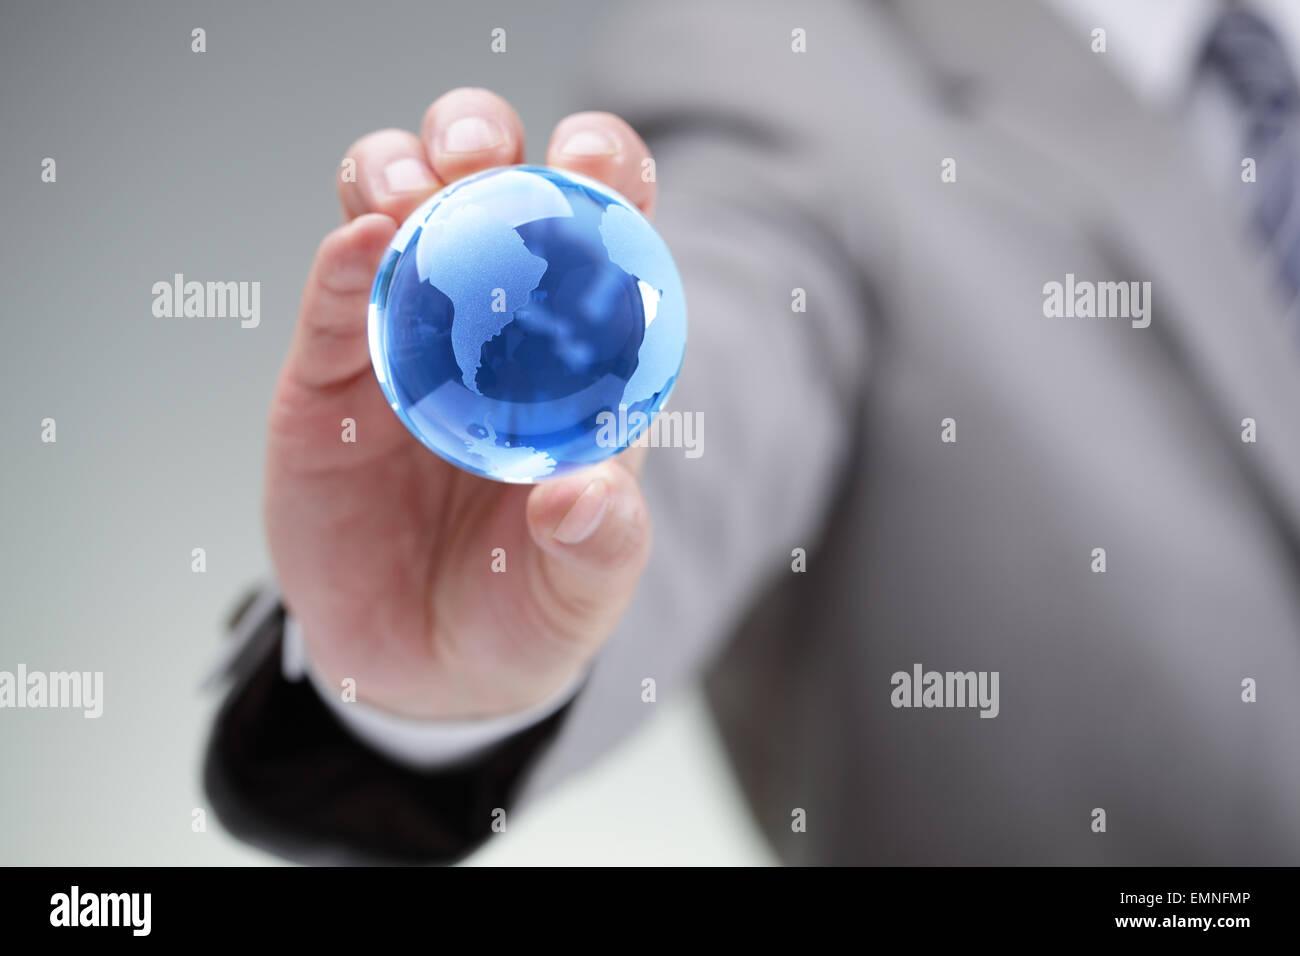 Business-Mann hält eine blaue Kugel in seiner Hand-Symbol für globale Unternehmen, Kommunikation oder Stockbild